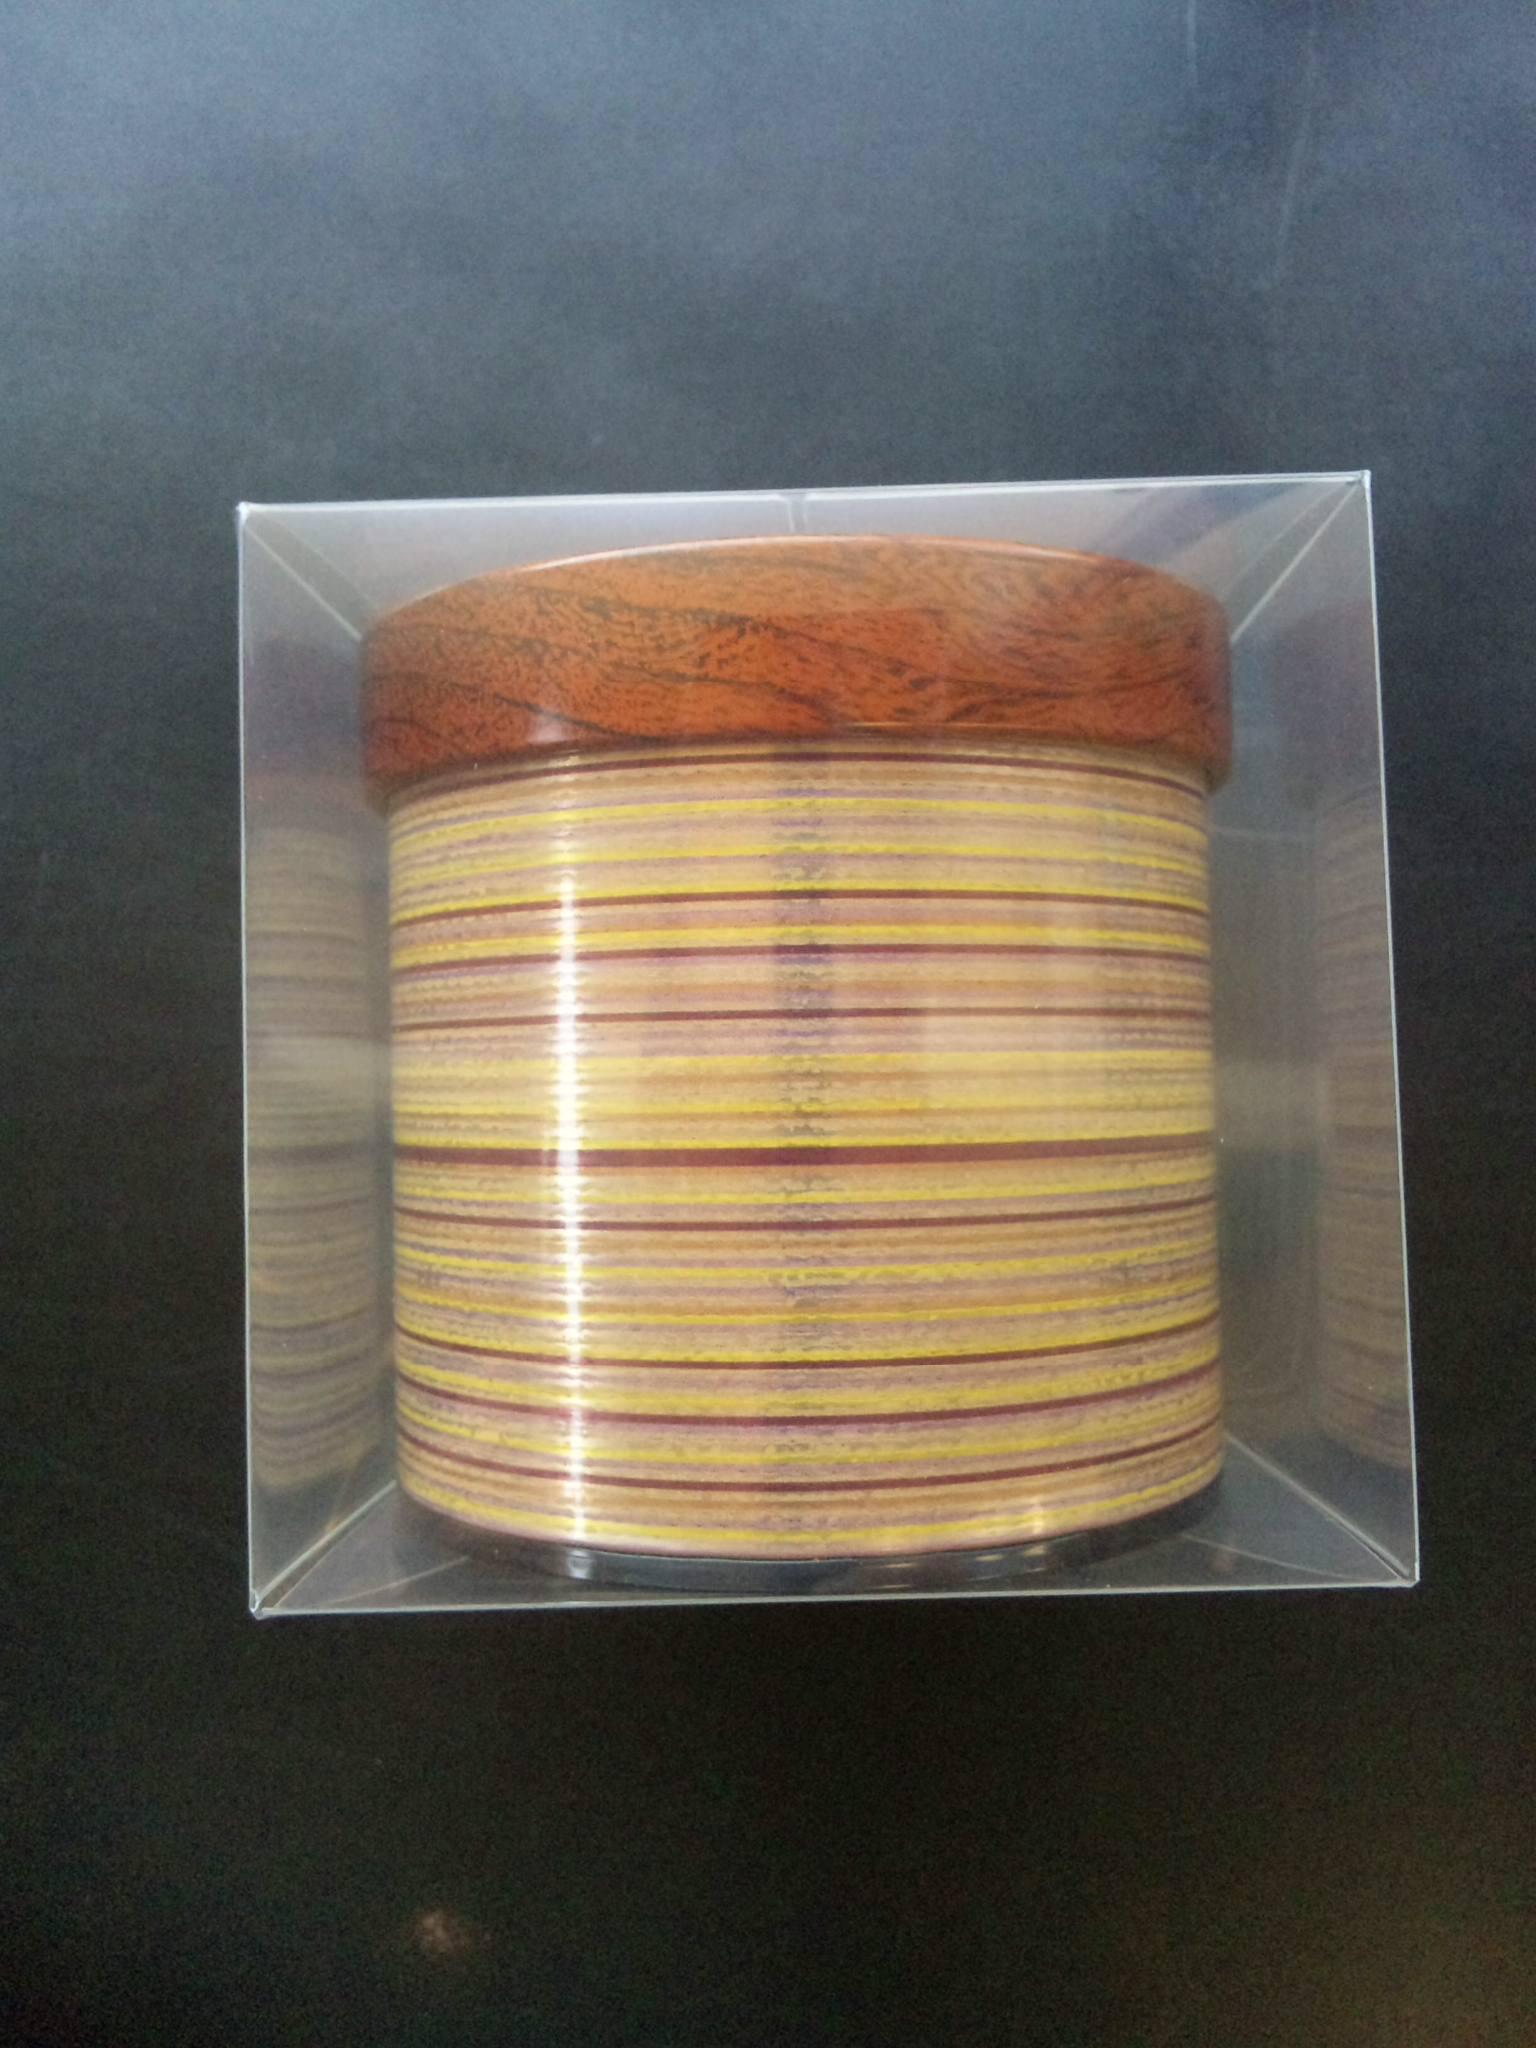 キャニスター缶(玉響2個&焙茶あめ 5粒入り1袋)